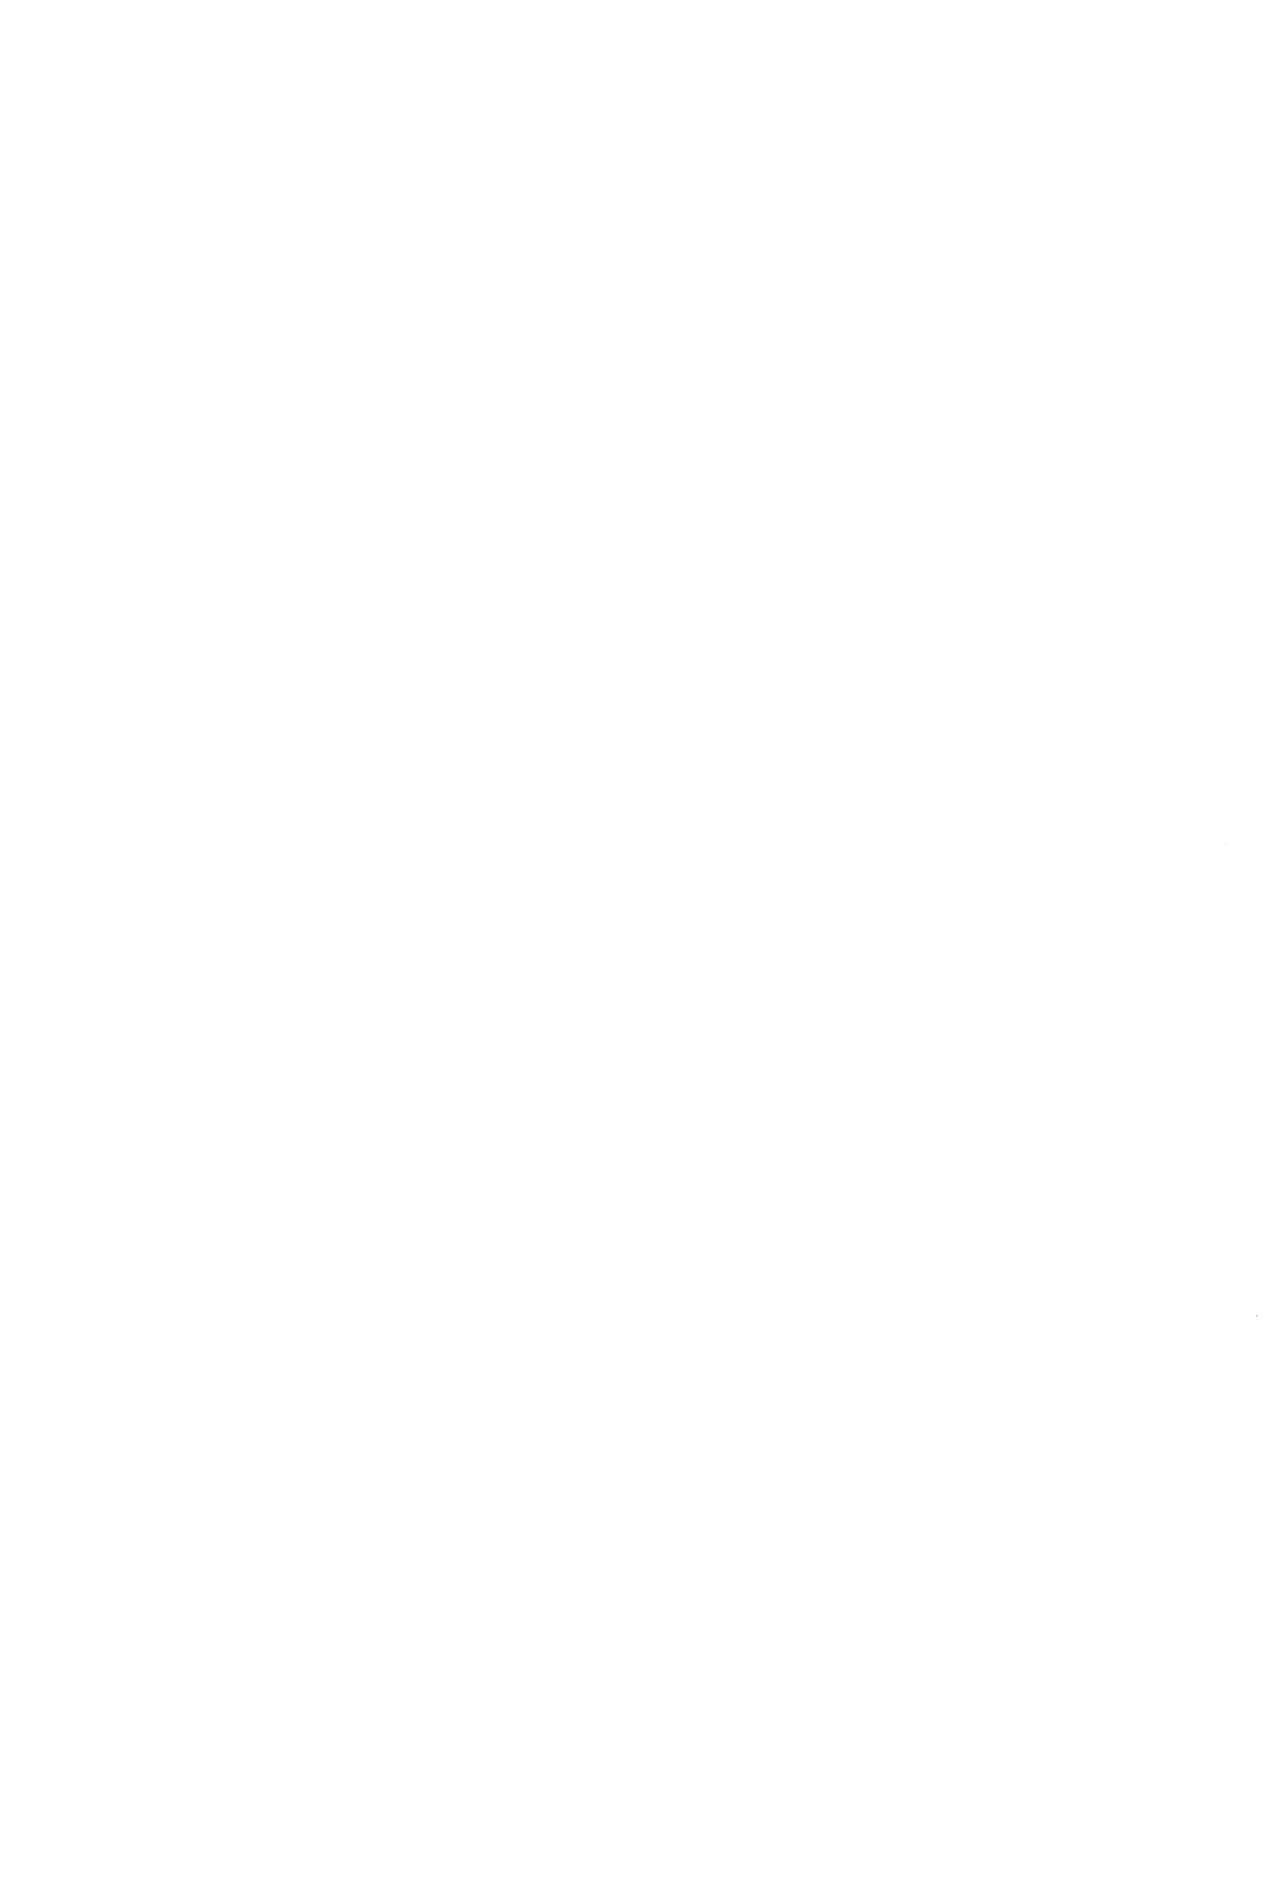 Hinnyuu Musume 38 18